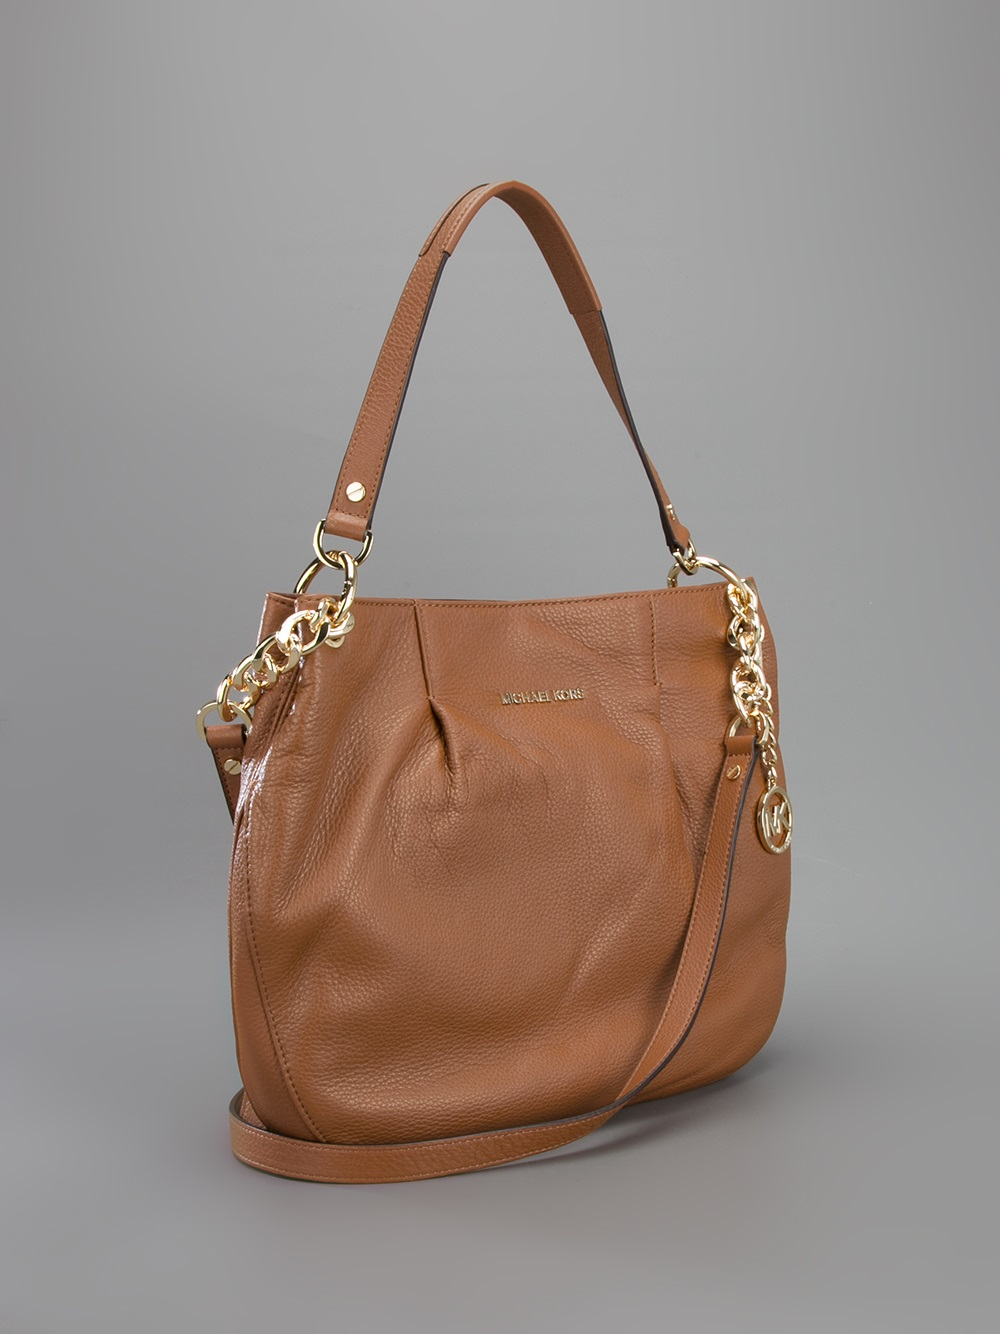 michael michael kors bedford large shoulder bag in brown. Black Bedroom Furniture Sets. Home Design Ideas